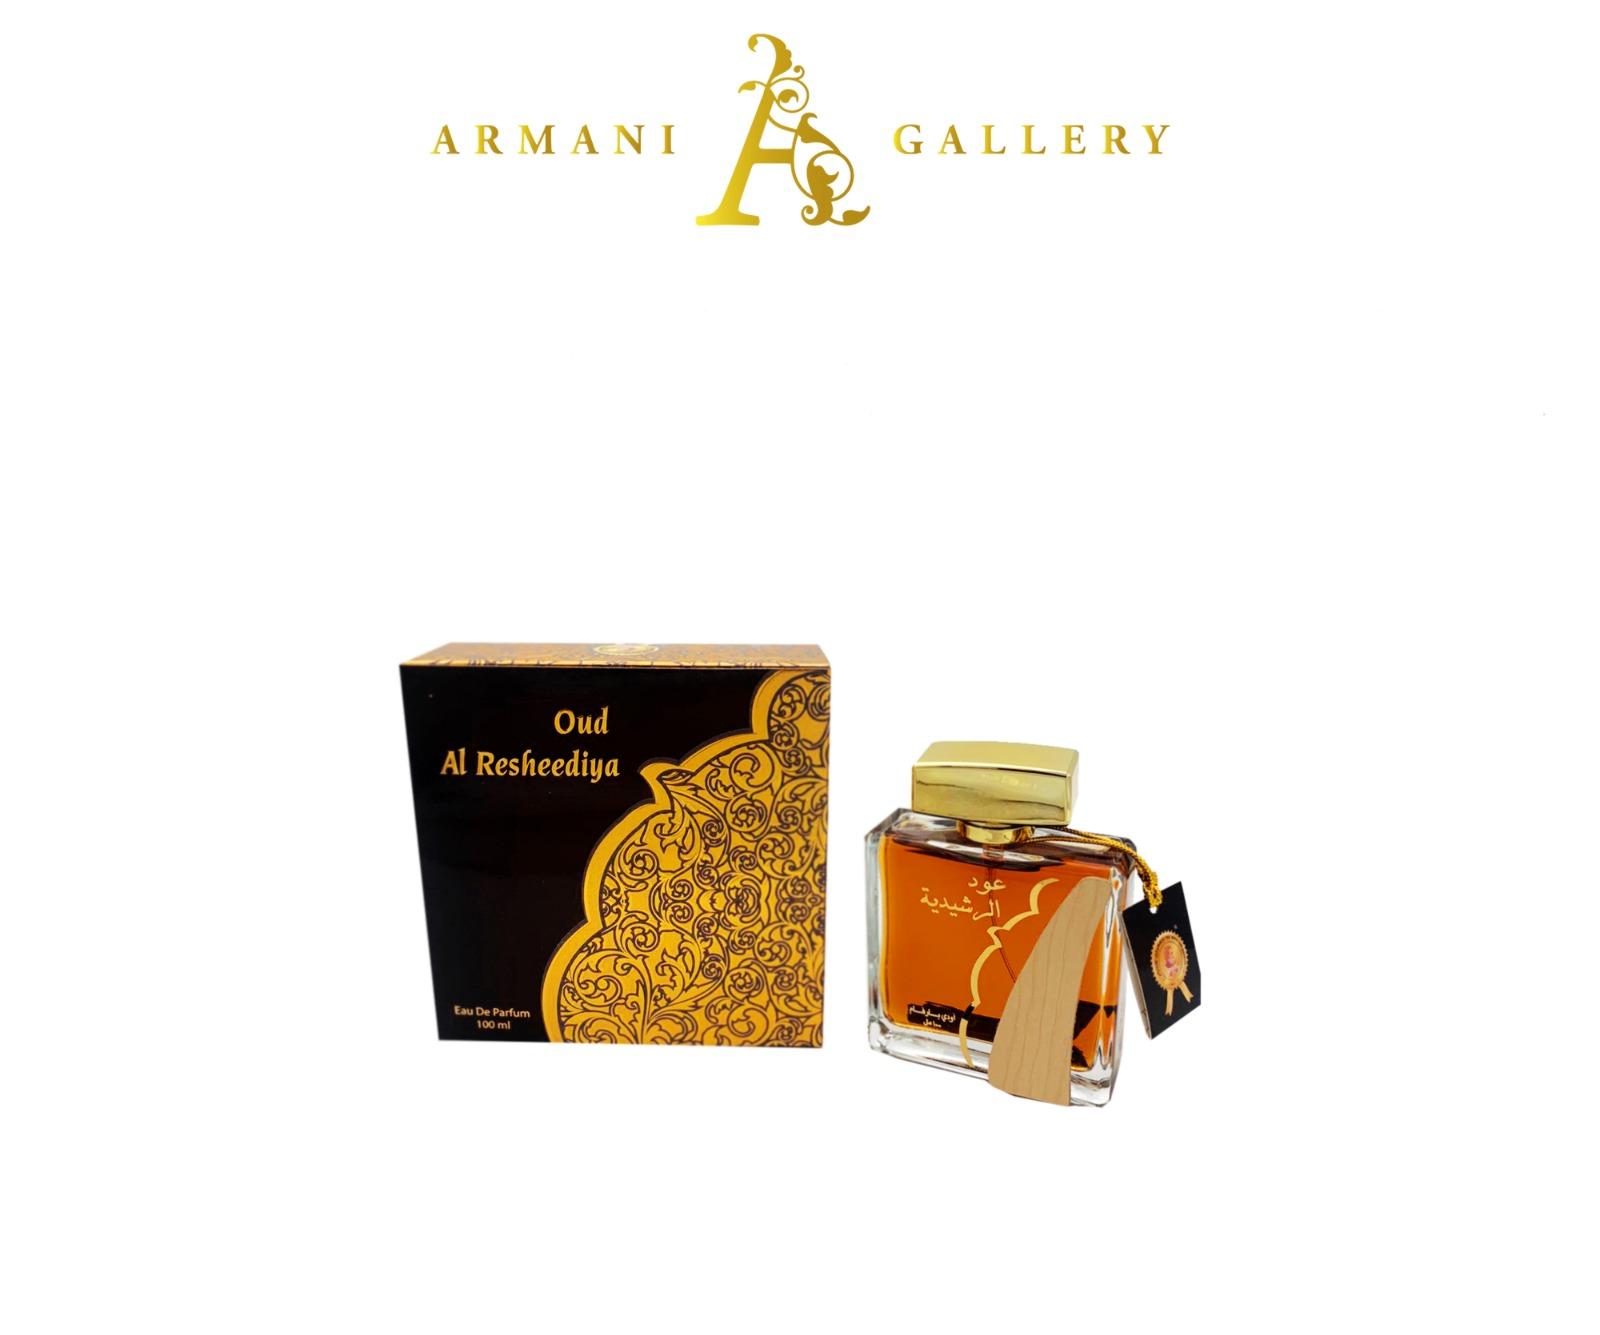 Buy Oud Al Resheediya